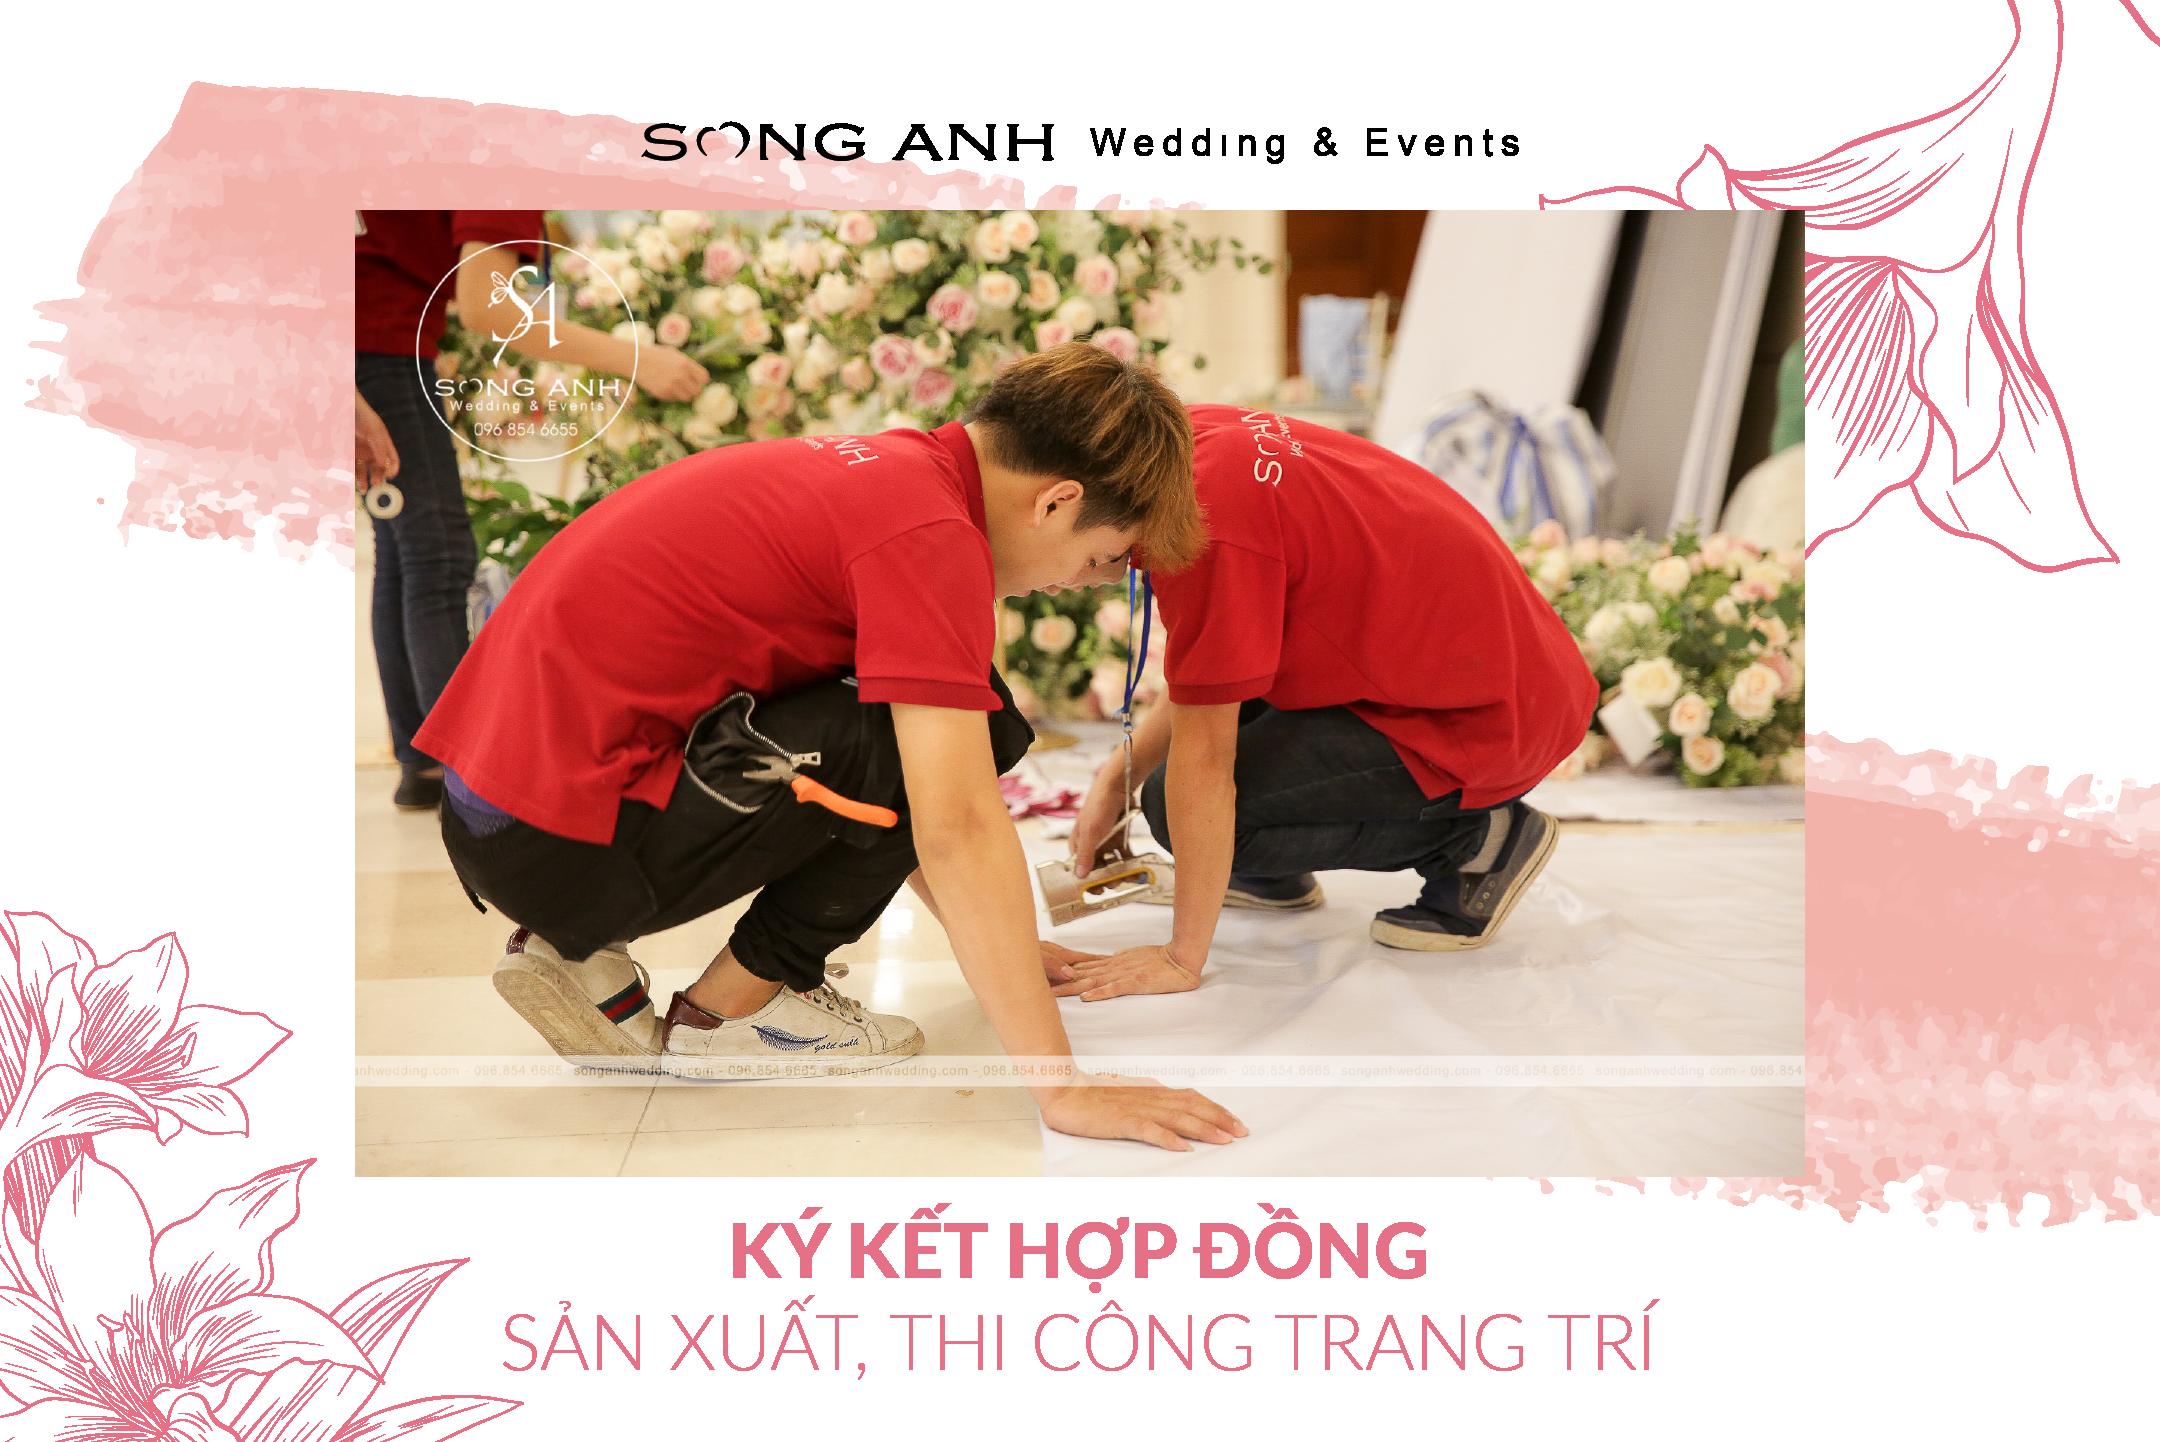 Sau khi đã ký kết hợp đồng với khách hàng, đội ngũ Song Anh bắt đầu quá trình lao động miệt mài để cho ra thành phẩm như ý